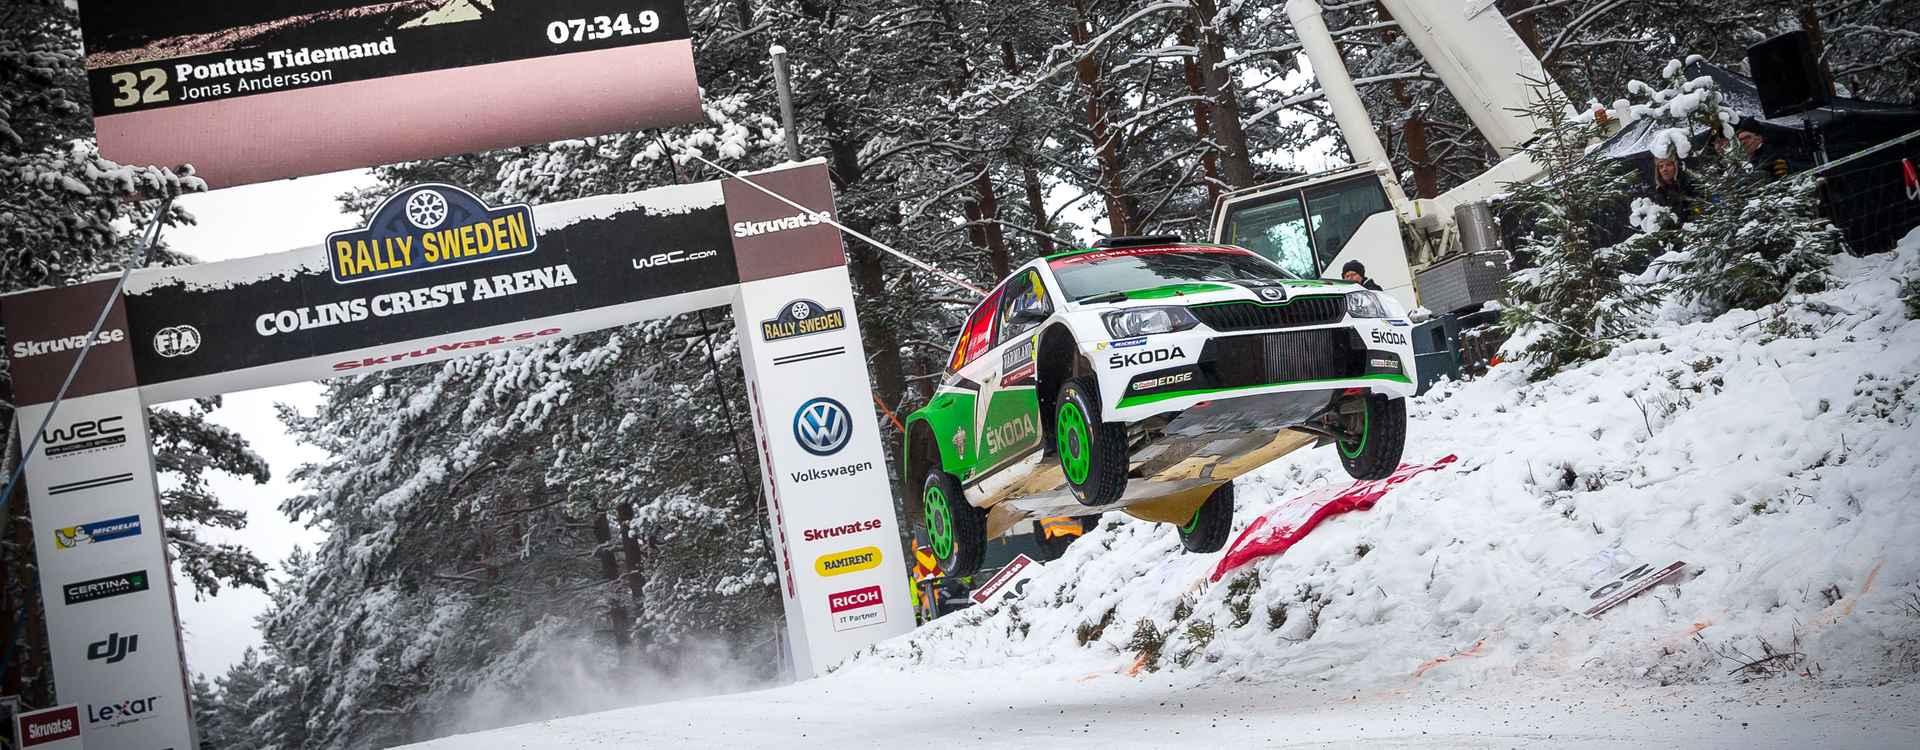 Švédská rally: Tidemand míří na domácím podniku na stupně vítězů